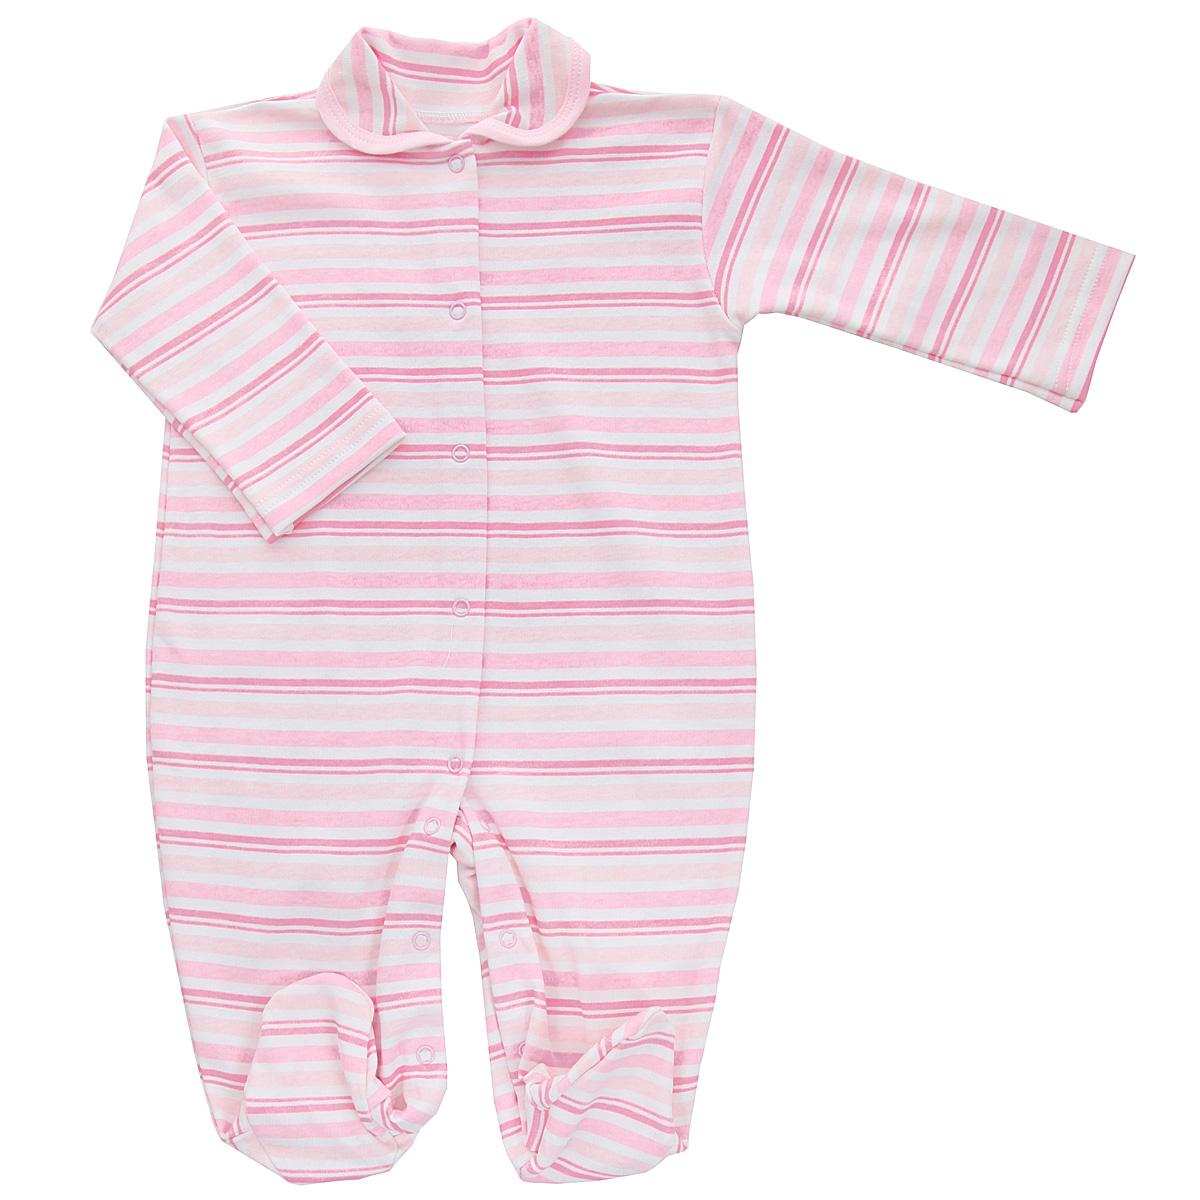 Комбинезон детский Трон-плюс, цвет: розовый, белый. 5815_полоска. Размер 68, 6 месяцев5815_полоскаДетский комбинезон Трон-Плюс - очень удобный и практичный вид одежды для малышей. Комбинезон выполнен из интерлока - натурального хлопка, благодаря чему он необычайно мягкий и приятный на ощупь, не раздражает нежную кожу ребенка, и хорошо вентилируются, а эластичные швы приятны телу младенца и не препятствуют его движениям. Комбинезон с длинными рукавами, закрытыми ножками и отложным воротничком имеет застежки-кнопки от горловины до щиколоток, которые помогают легко переодеть ребенка или сменить подгузник. Воротник по краю дополнен контрастной бейкой. Оформлено изделие принтом в полоску. С детским комбинезоном спинка и ножки вашего крохи всегда будут в тепле, он идеален для использования днем и незаменим ночью. Комбинезон полностью соответствует особенностям жизни младенца в ранний период, не стесняя и не ограничивая его в движениях!